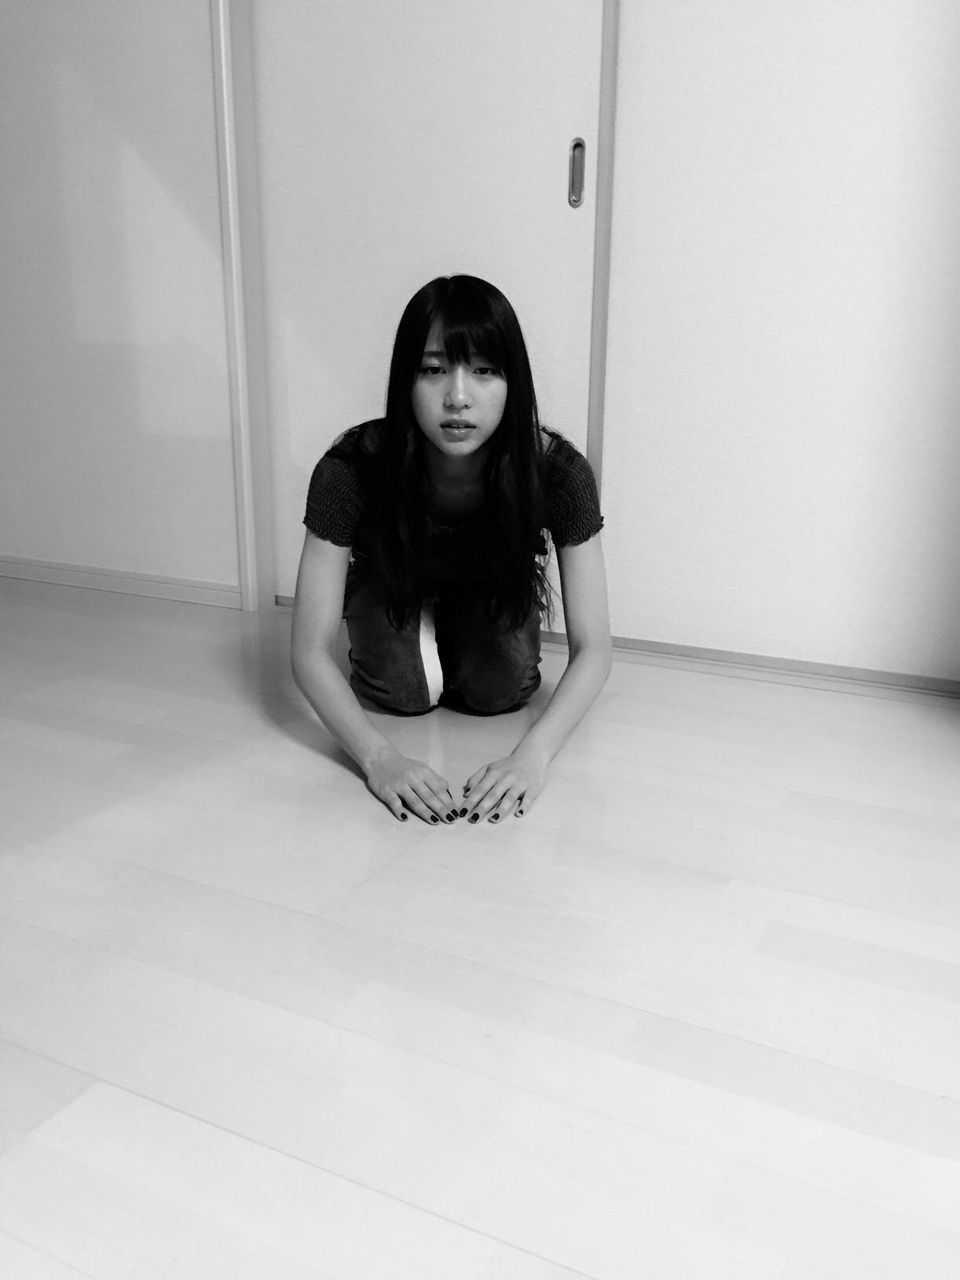 02_01  mogi shinobu 茂木忍